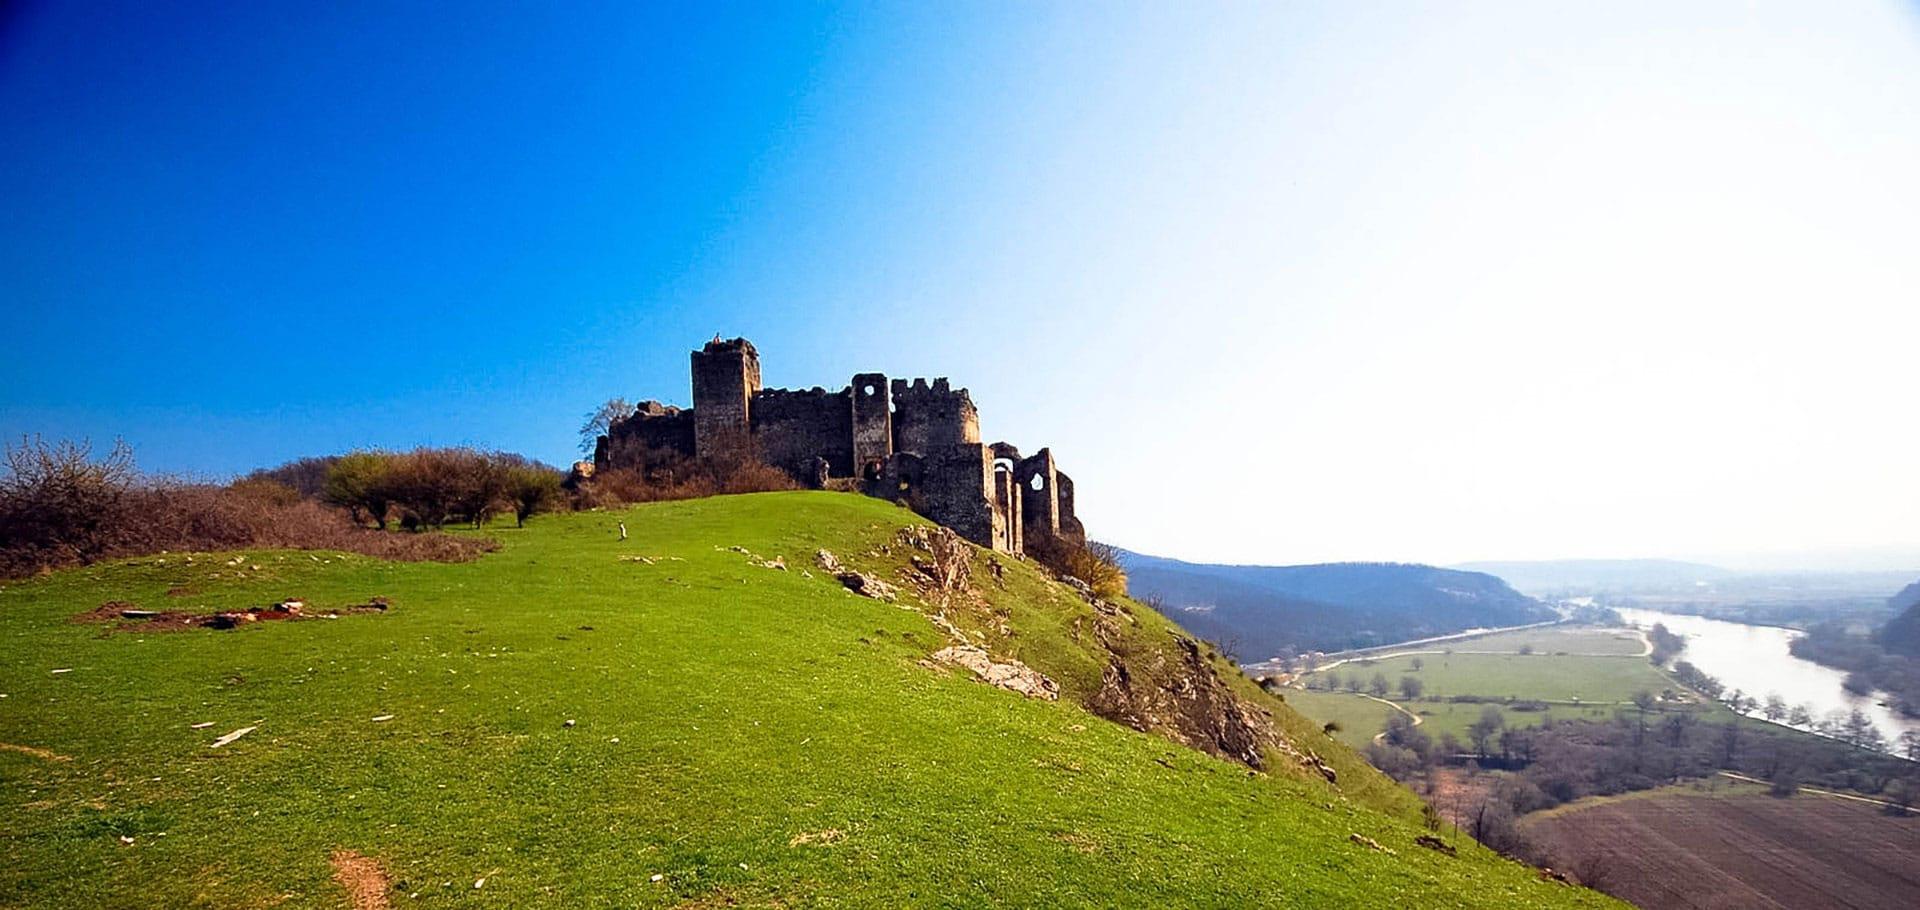 Şoimoş Citadel